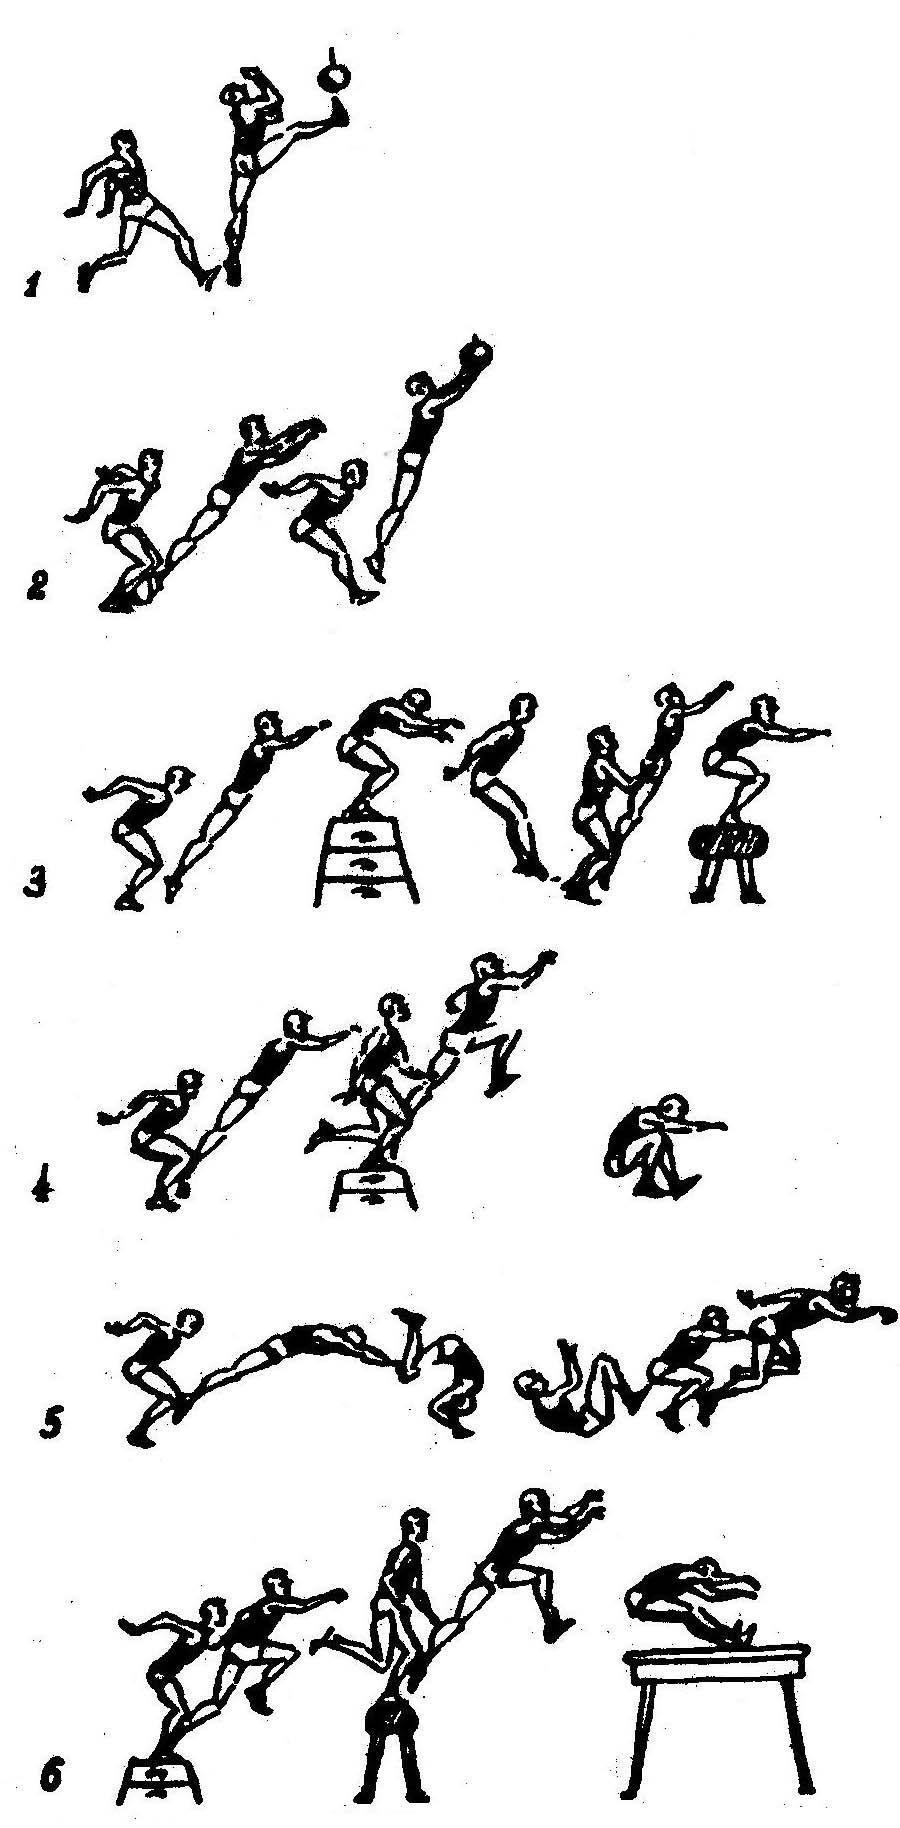 Как научиться прыгать на скакалке для начинающих: не уставать